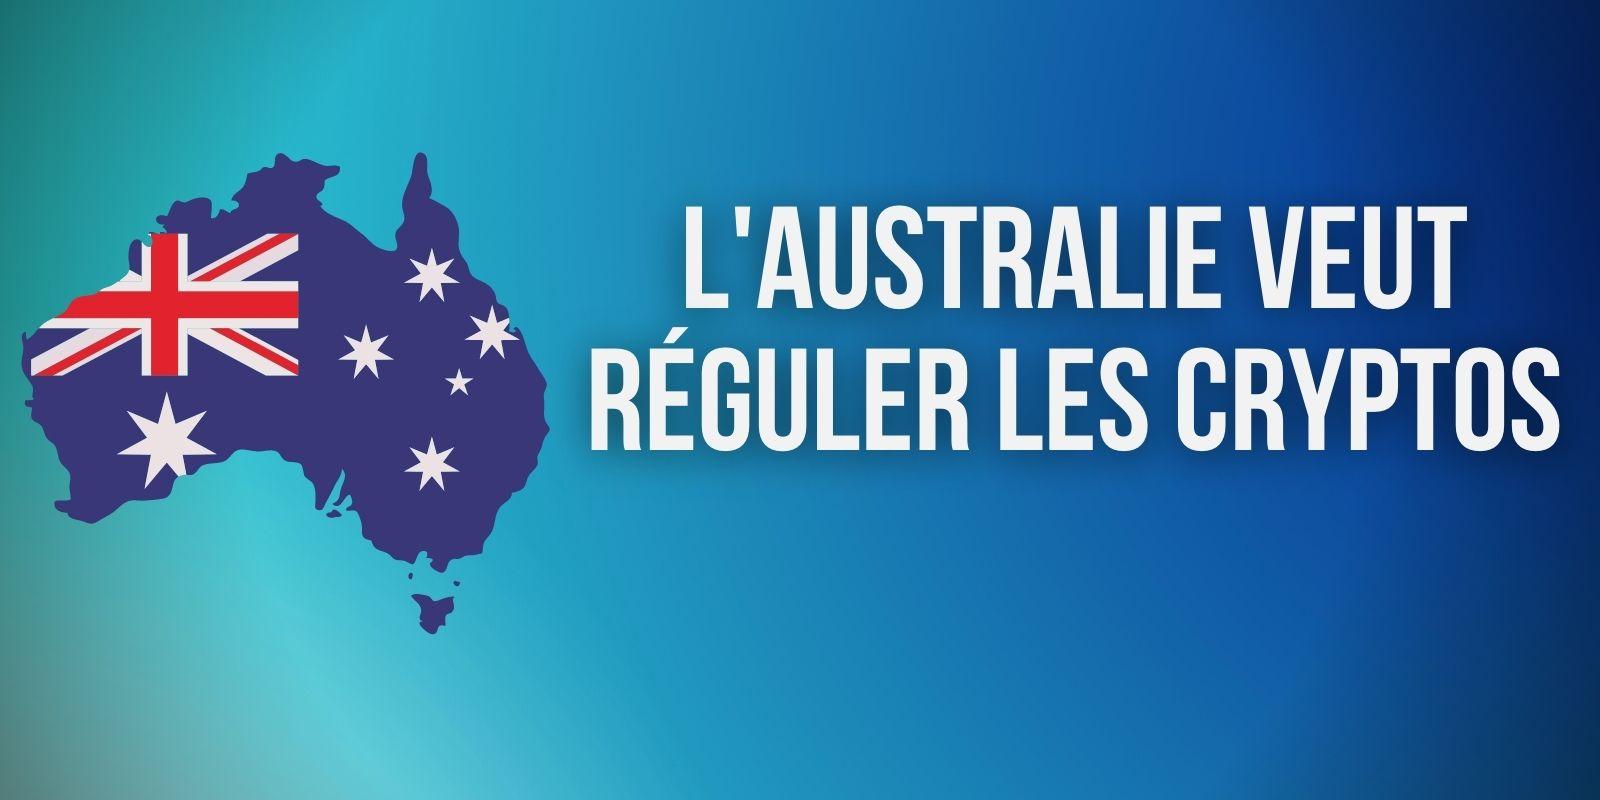 Australie : nouvelles recommandations pour la réglementation des cryptomonnaies